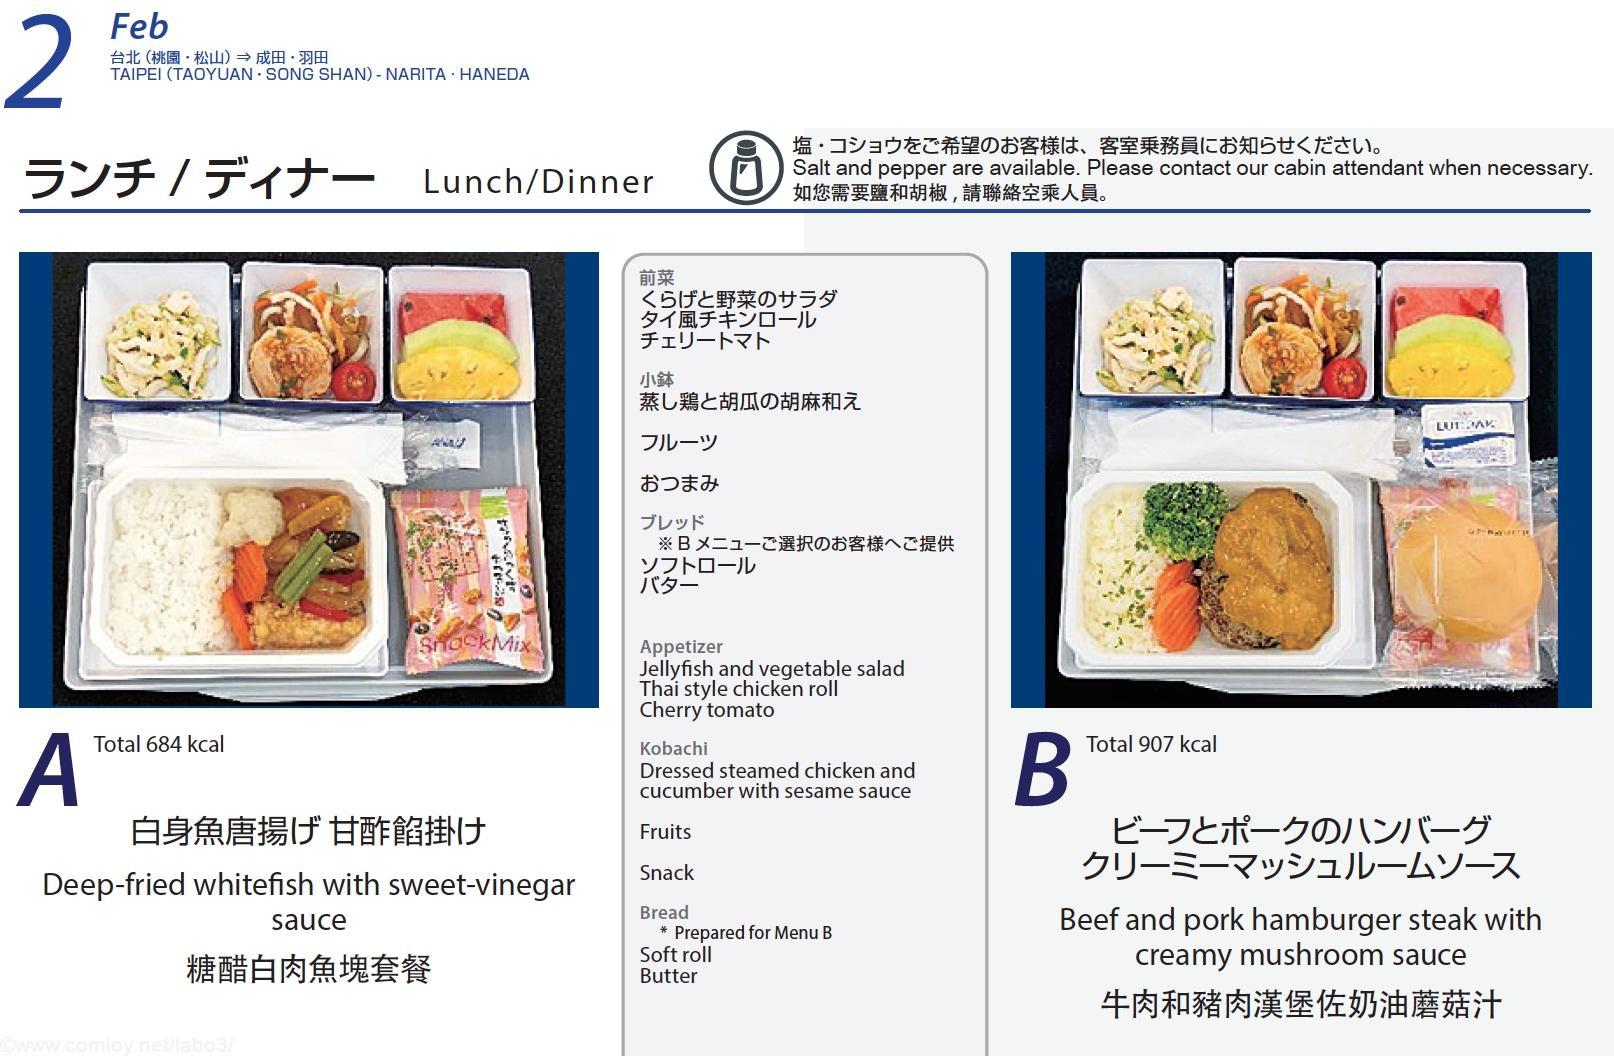 全日空 NH854 台北 - 羽田 エコノミークラス機内食メニュー 2020年2月